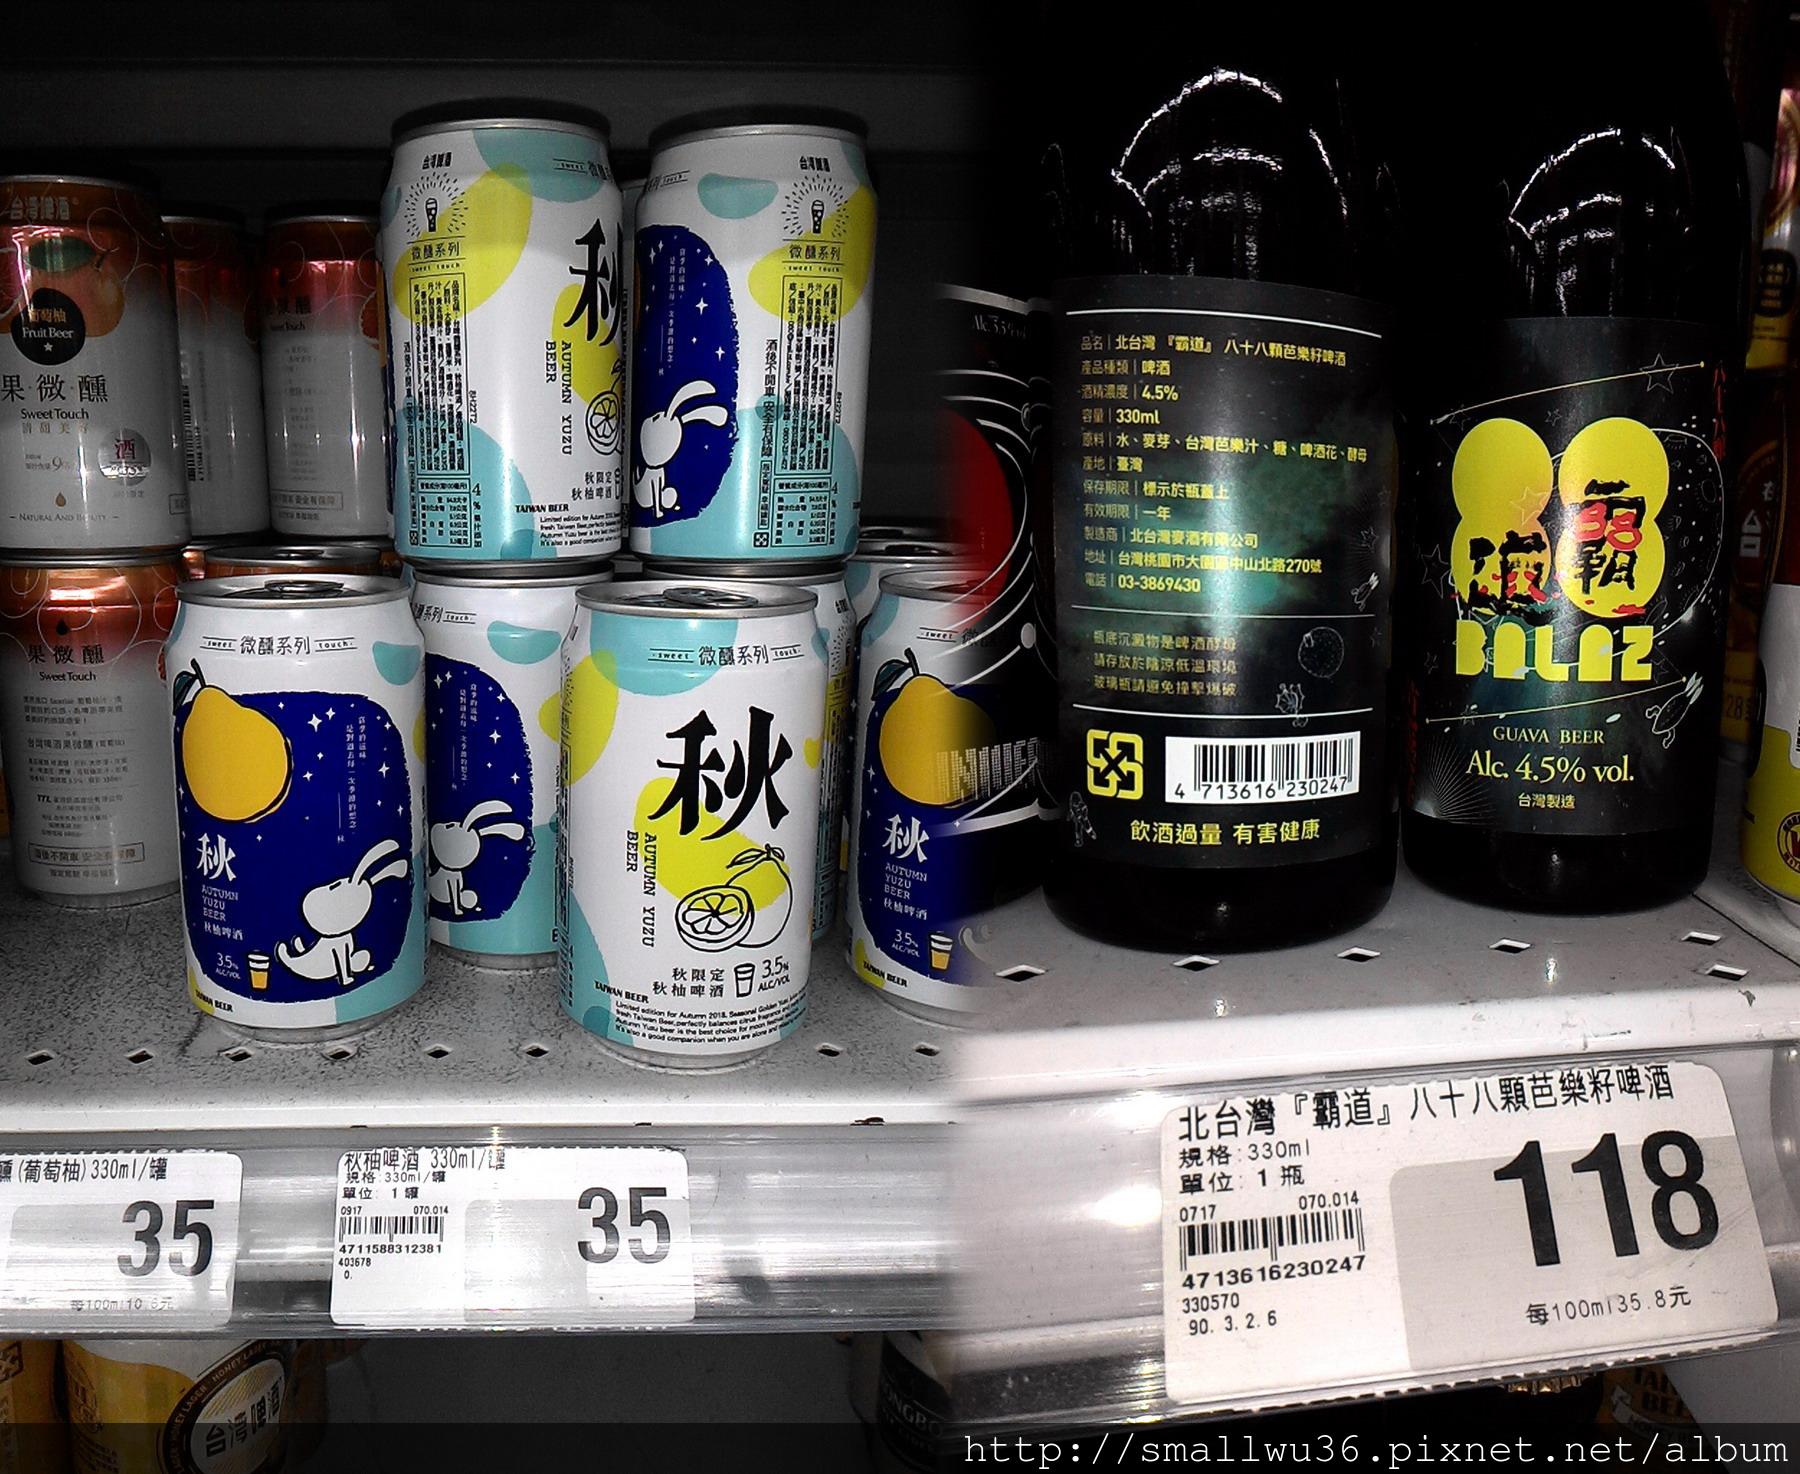 台啤秋柚啤酒 北台灣芭樂籽啤酒.jpg